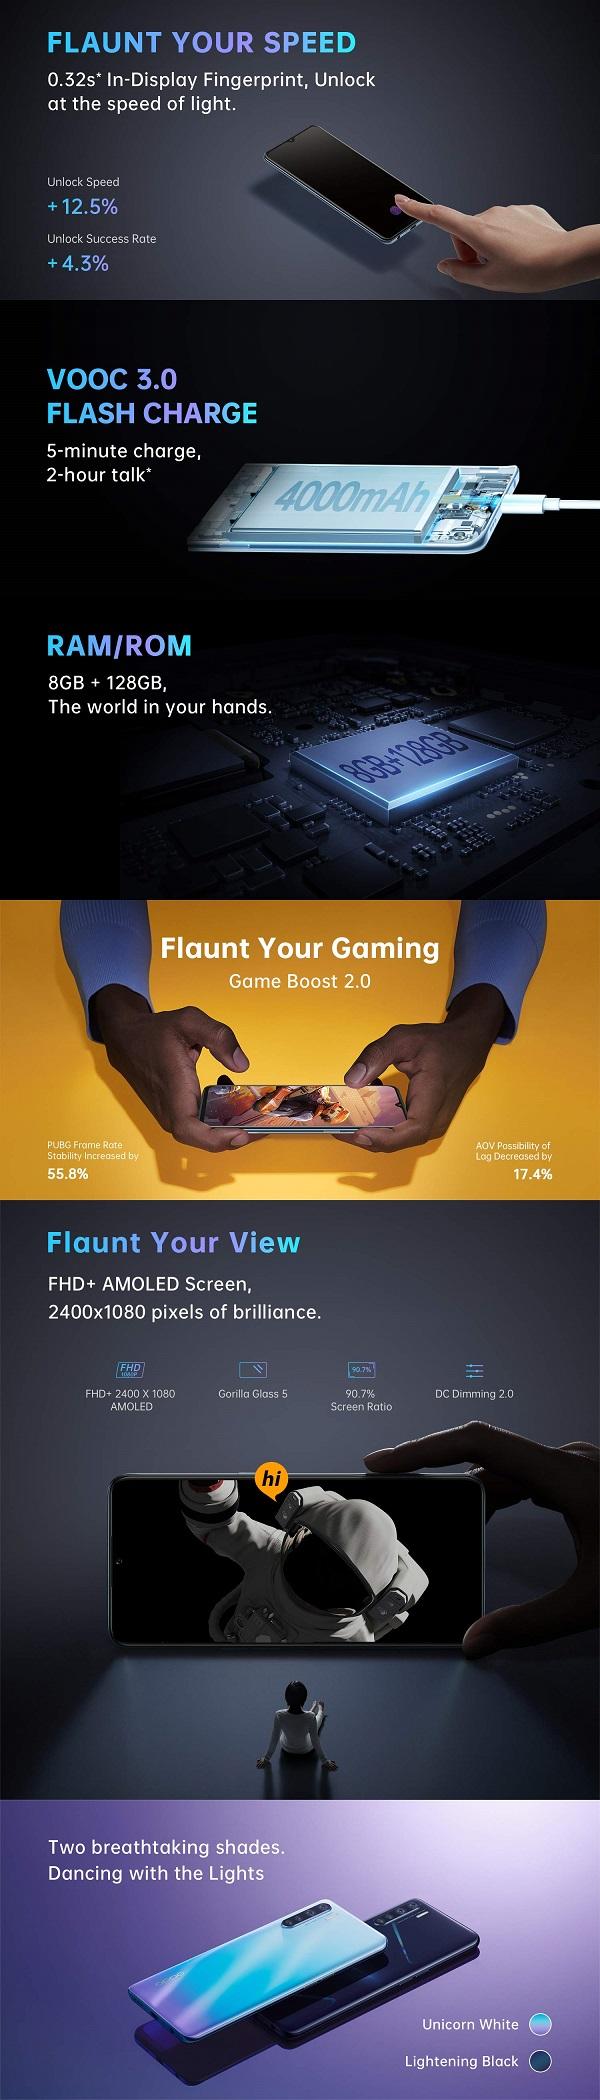 OPPO F15 ra mắt: 4 camera sau, sạc nhanh VOOC 3.0, cảm biến vân tay dưới màn hình, giá vừa túi tiền